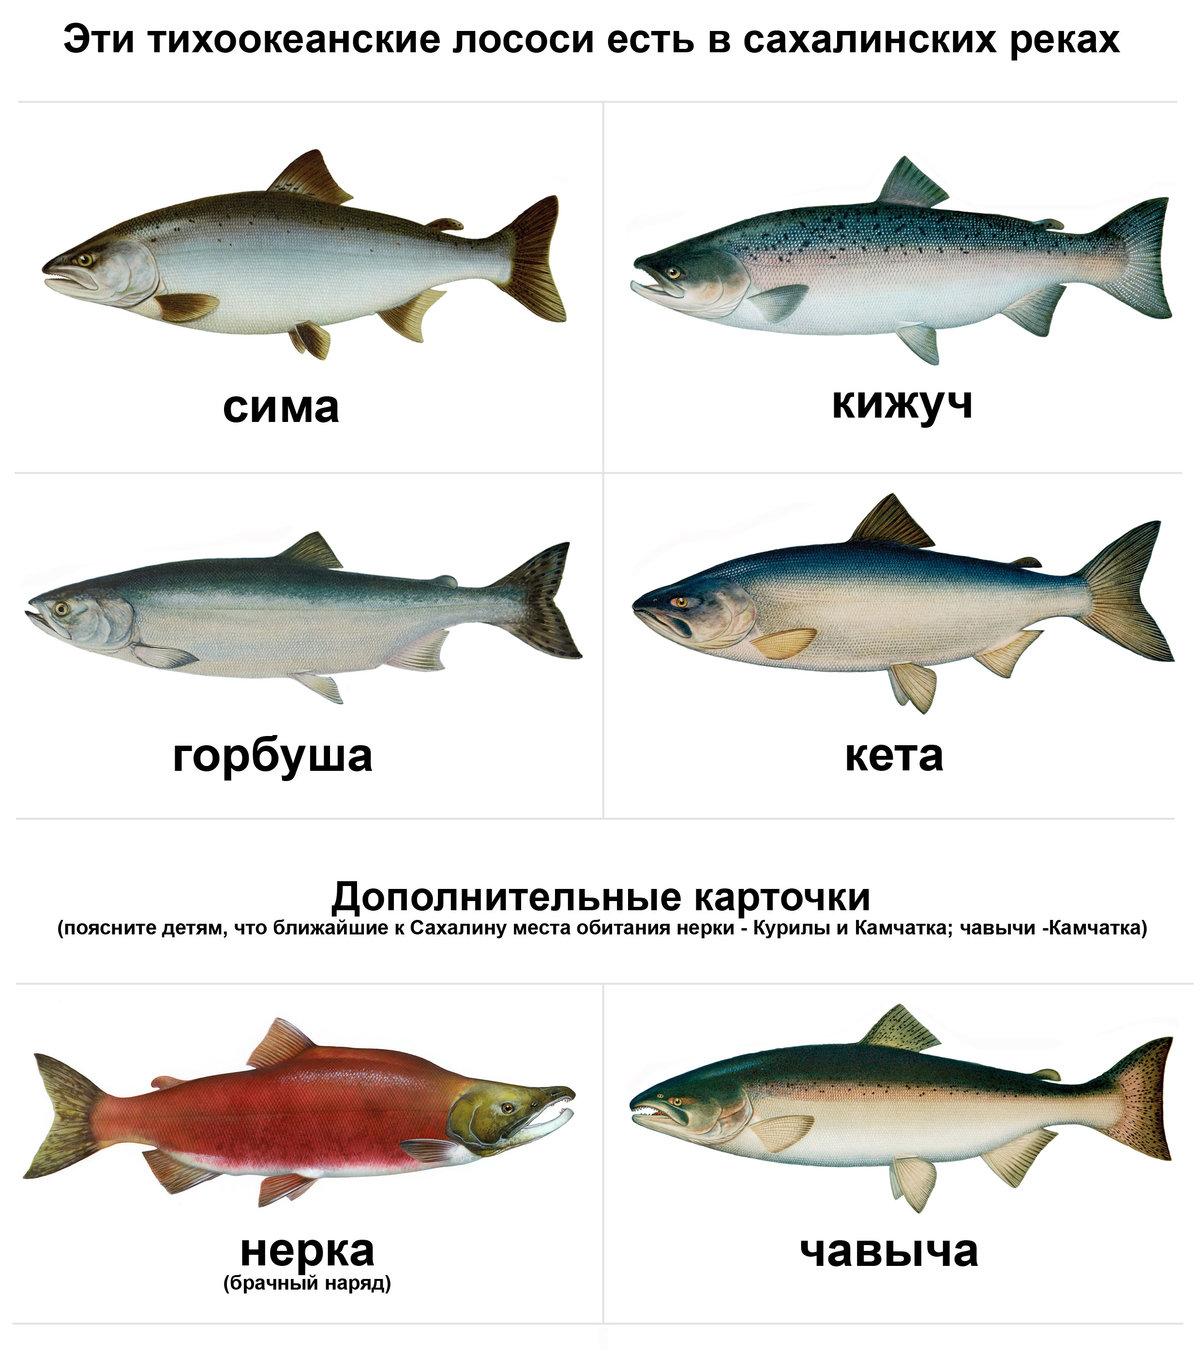 северная рыба с названием и картинками мероприятие, как